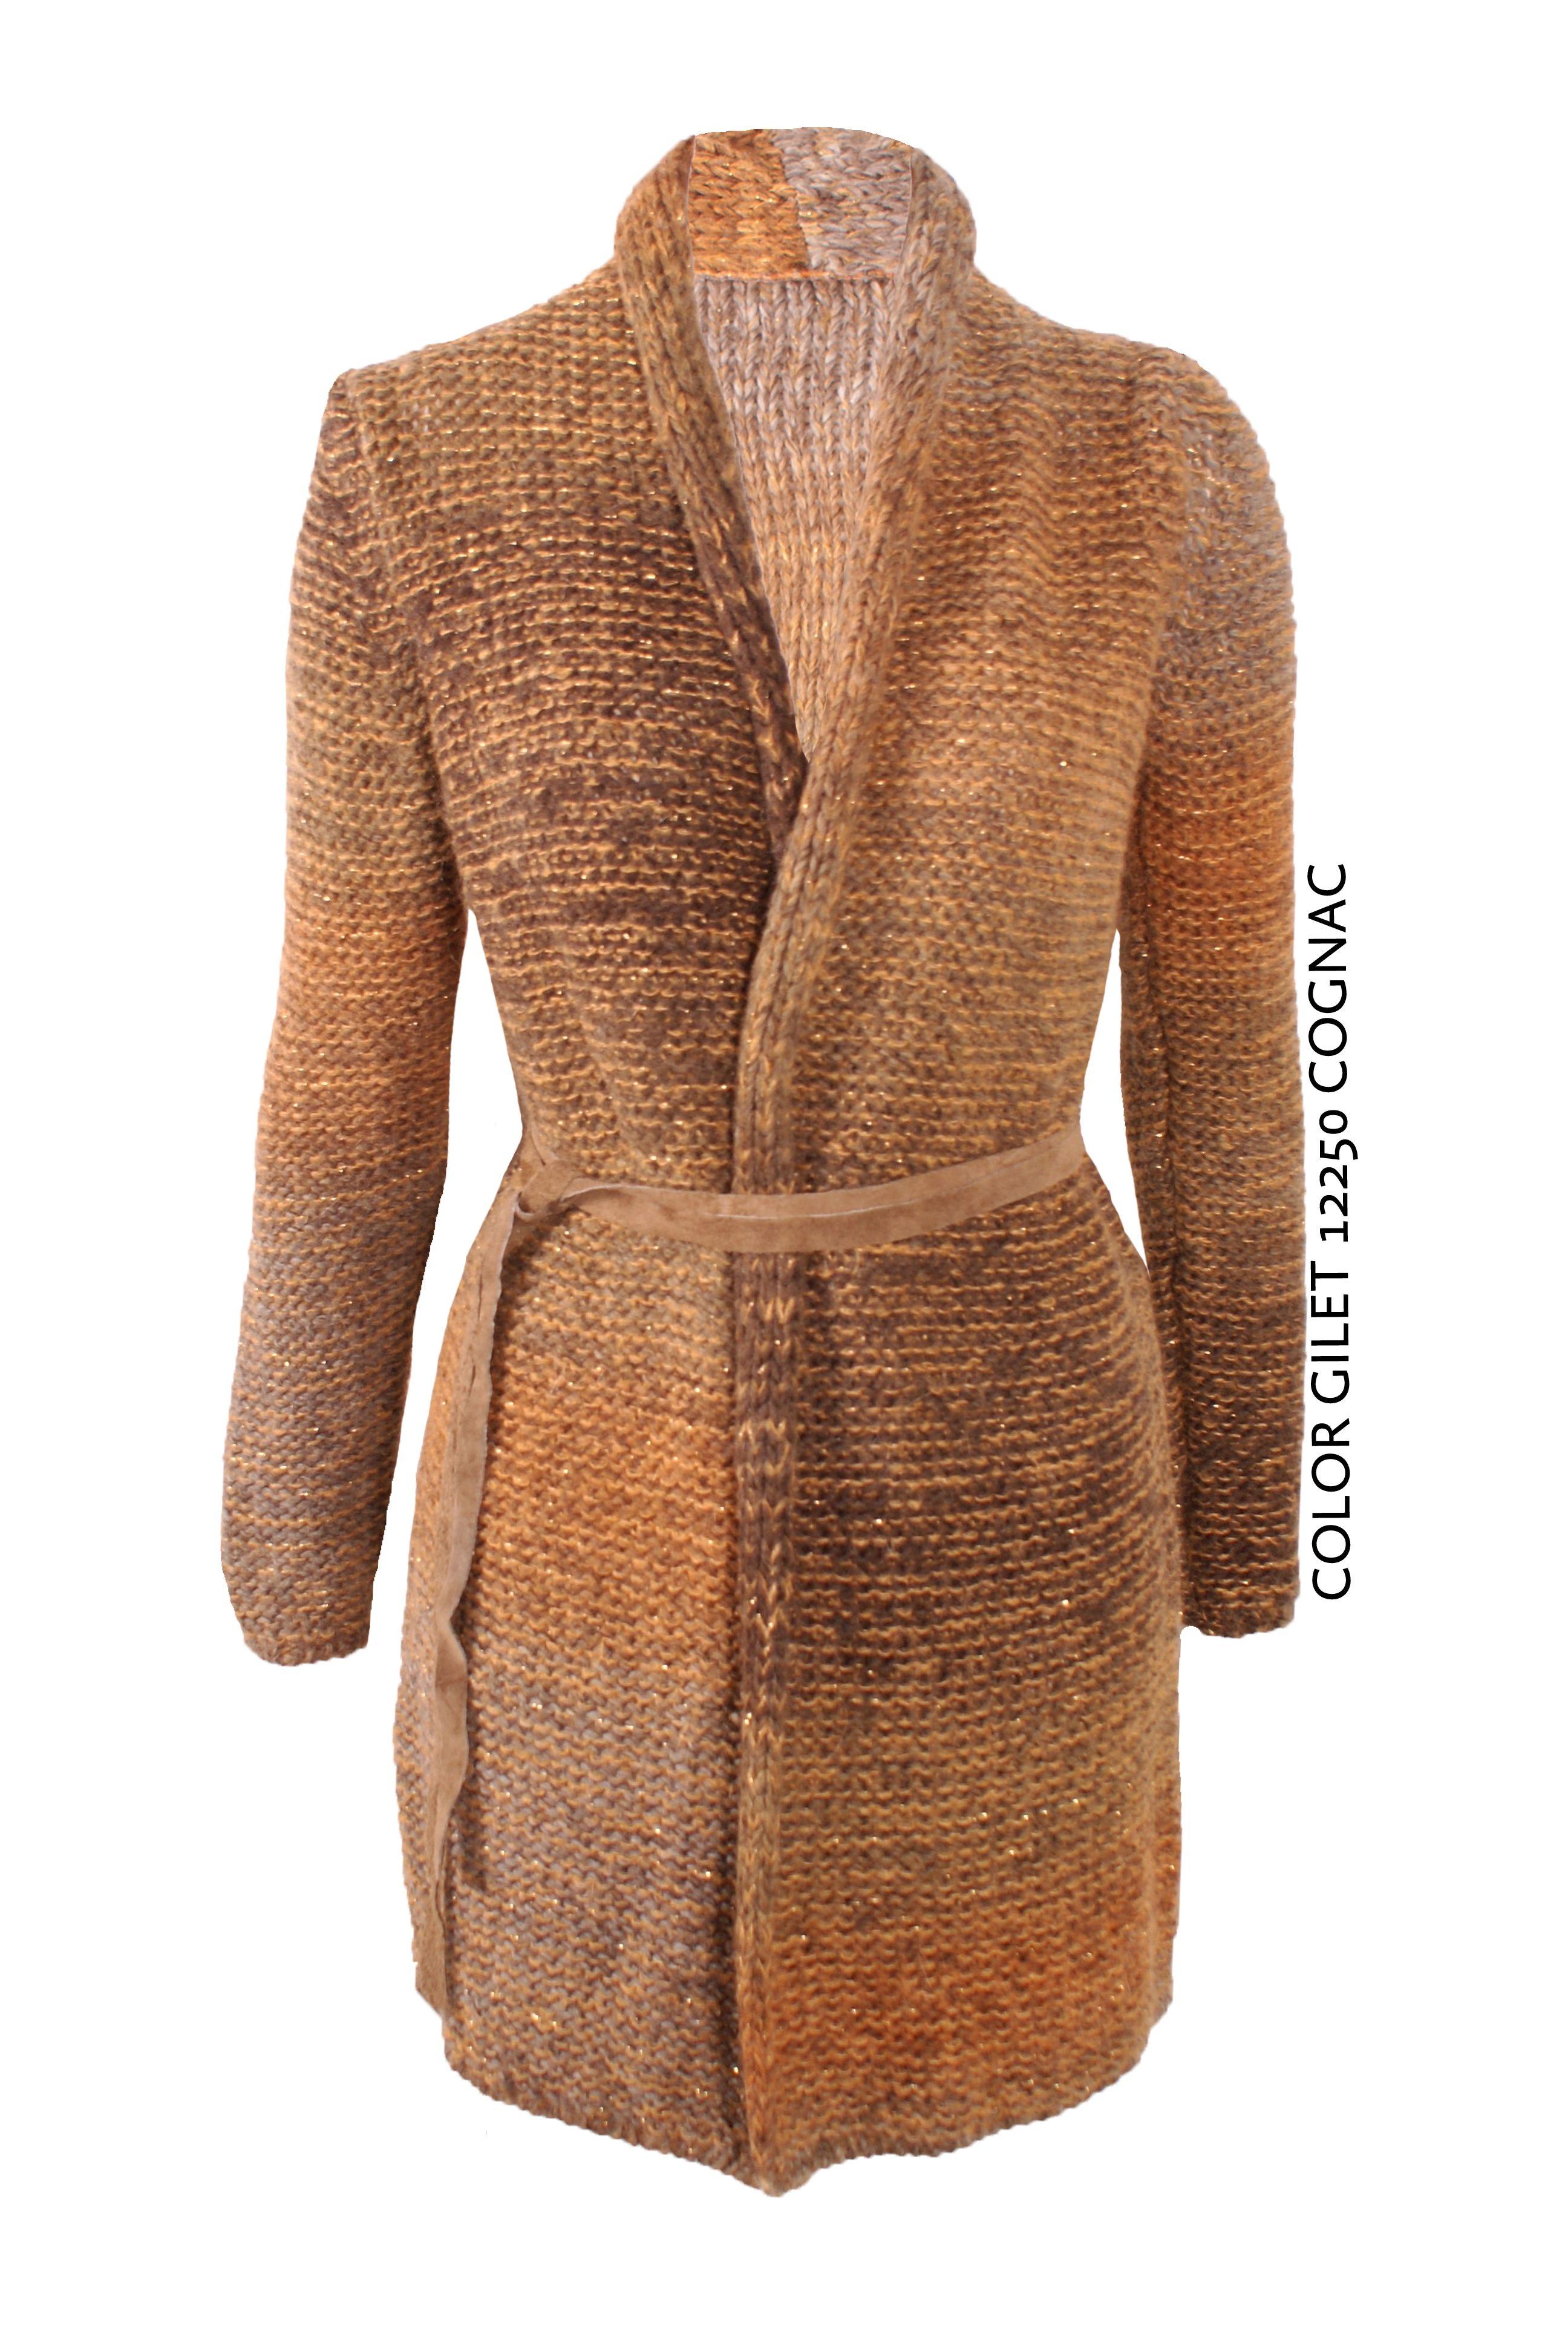 Color Gilet 12250 Cognac von KD Klaus Dilkrath #kdklausdilkrath #kd #dilkrath #kd12 #outfit #jacket #color #gilet #cognac #cozy